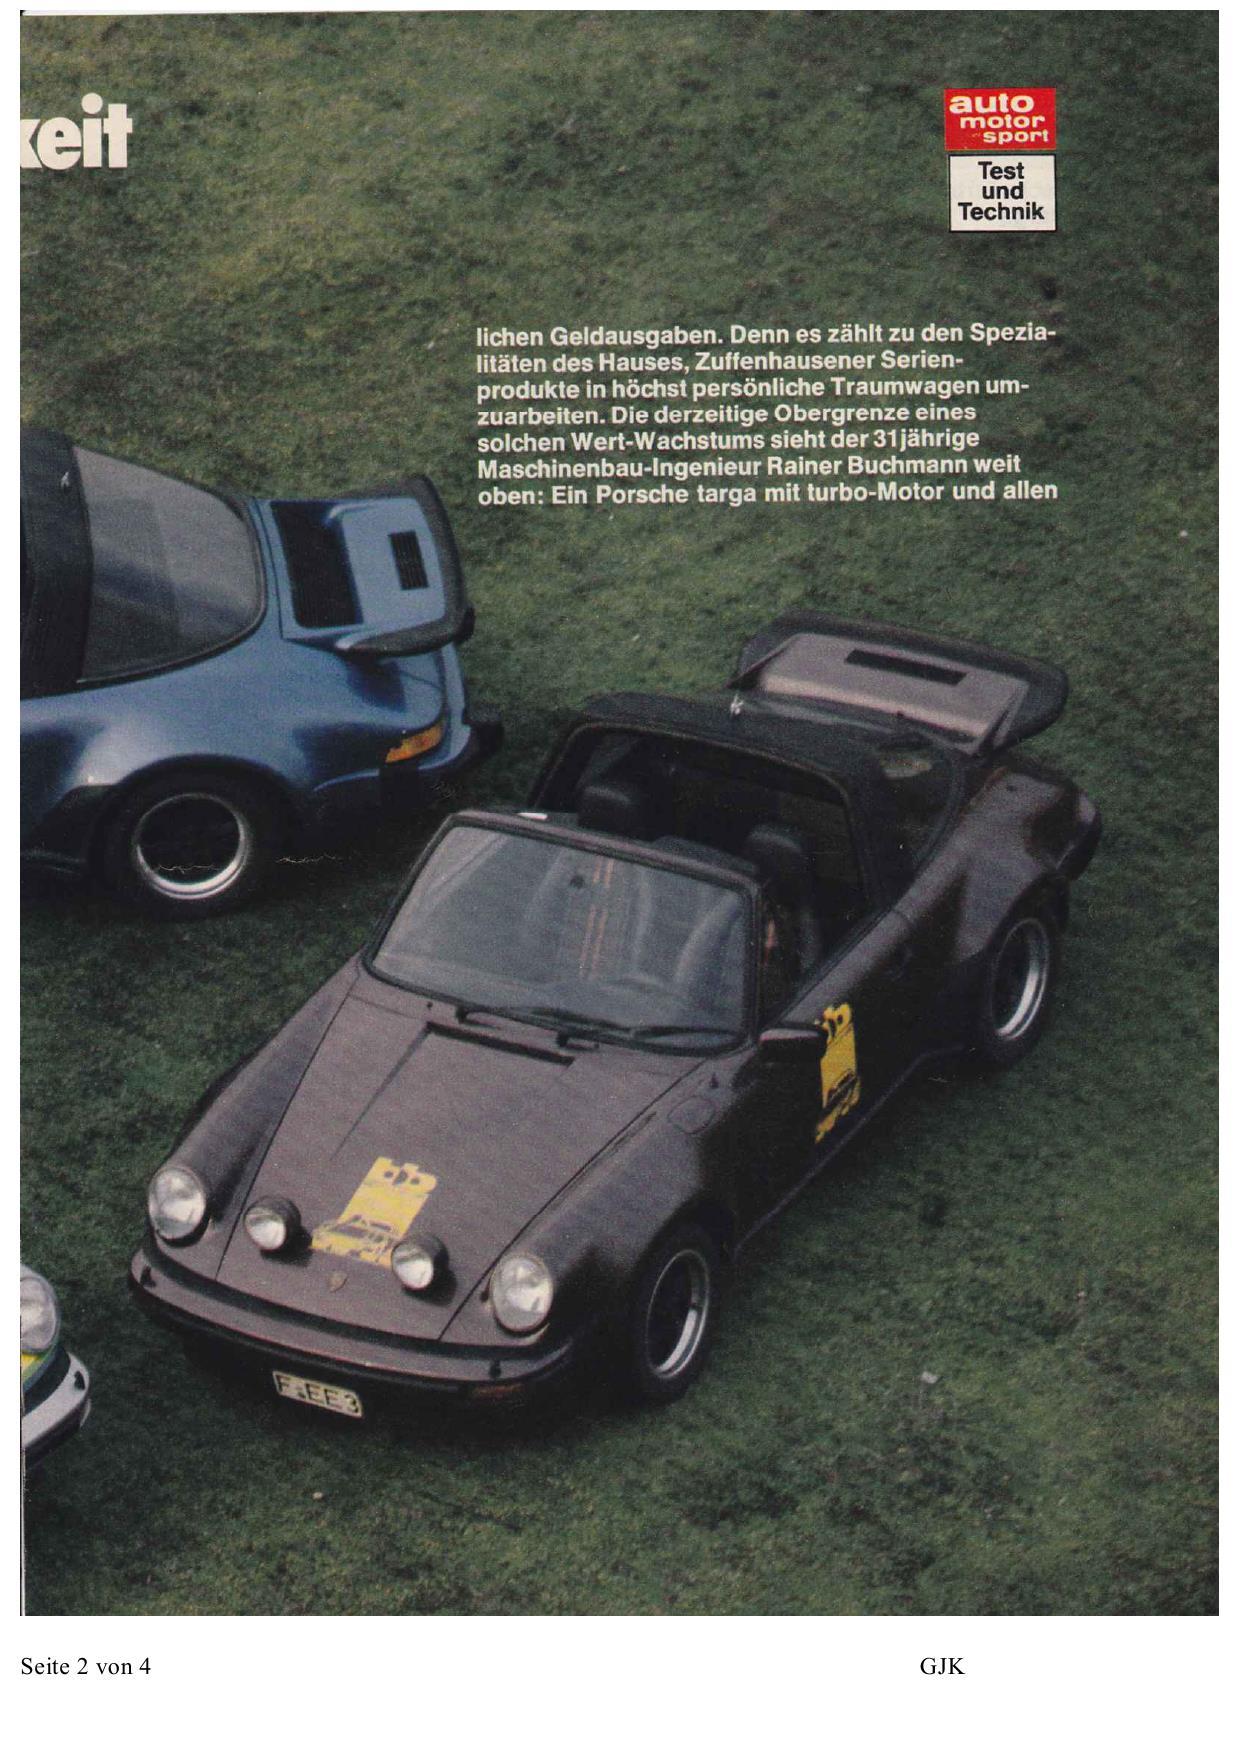 porsche 930 targa bb auto motor und sport mag 03 1977 deutsch porsche cars history. Black Bedroom Furniture Sets. Home Design Ideas